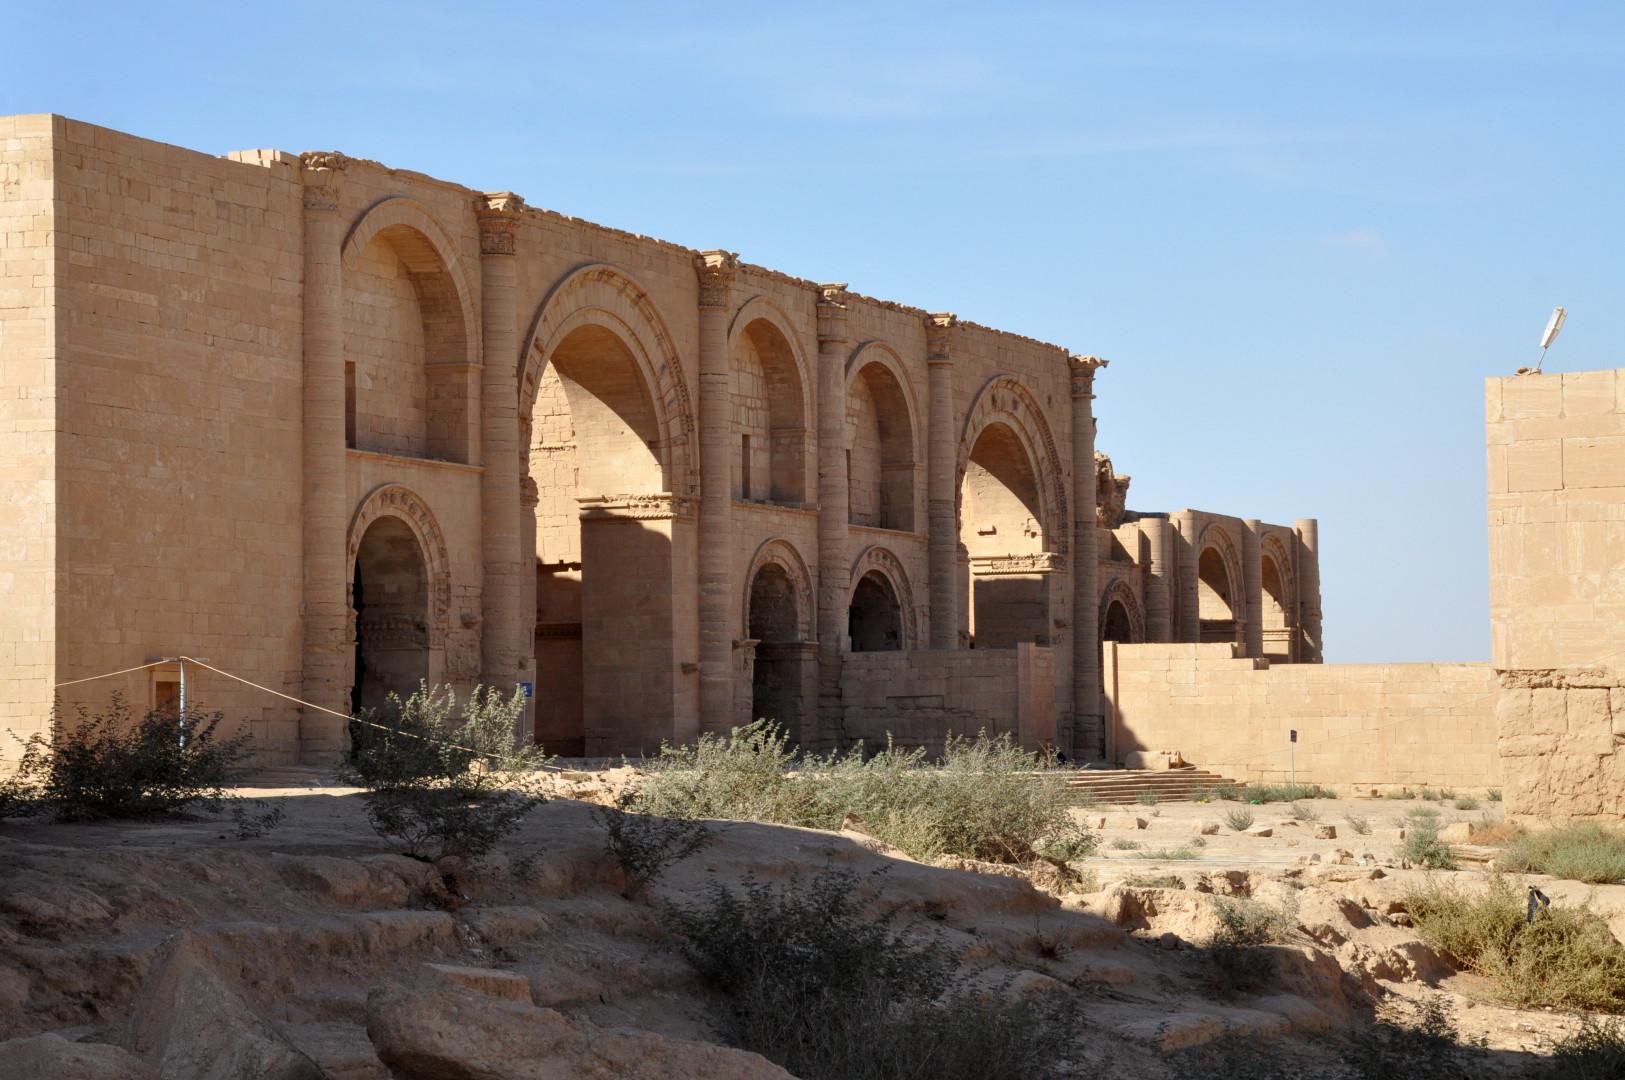 La cité antique d'Hatra en Irak est tombée aux mains destructrices de l'État islamique en avril 2015 (Image d'archives).